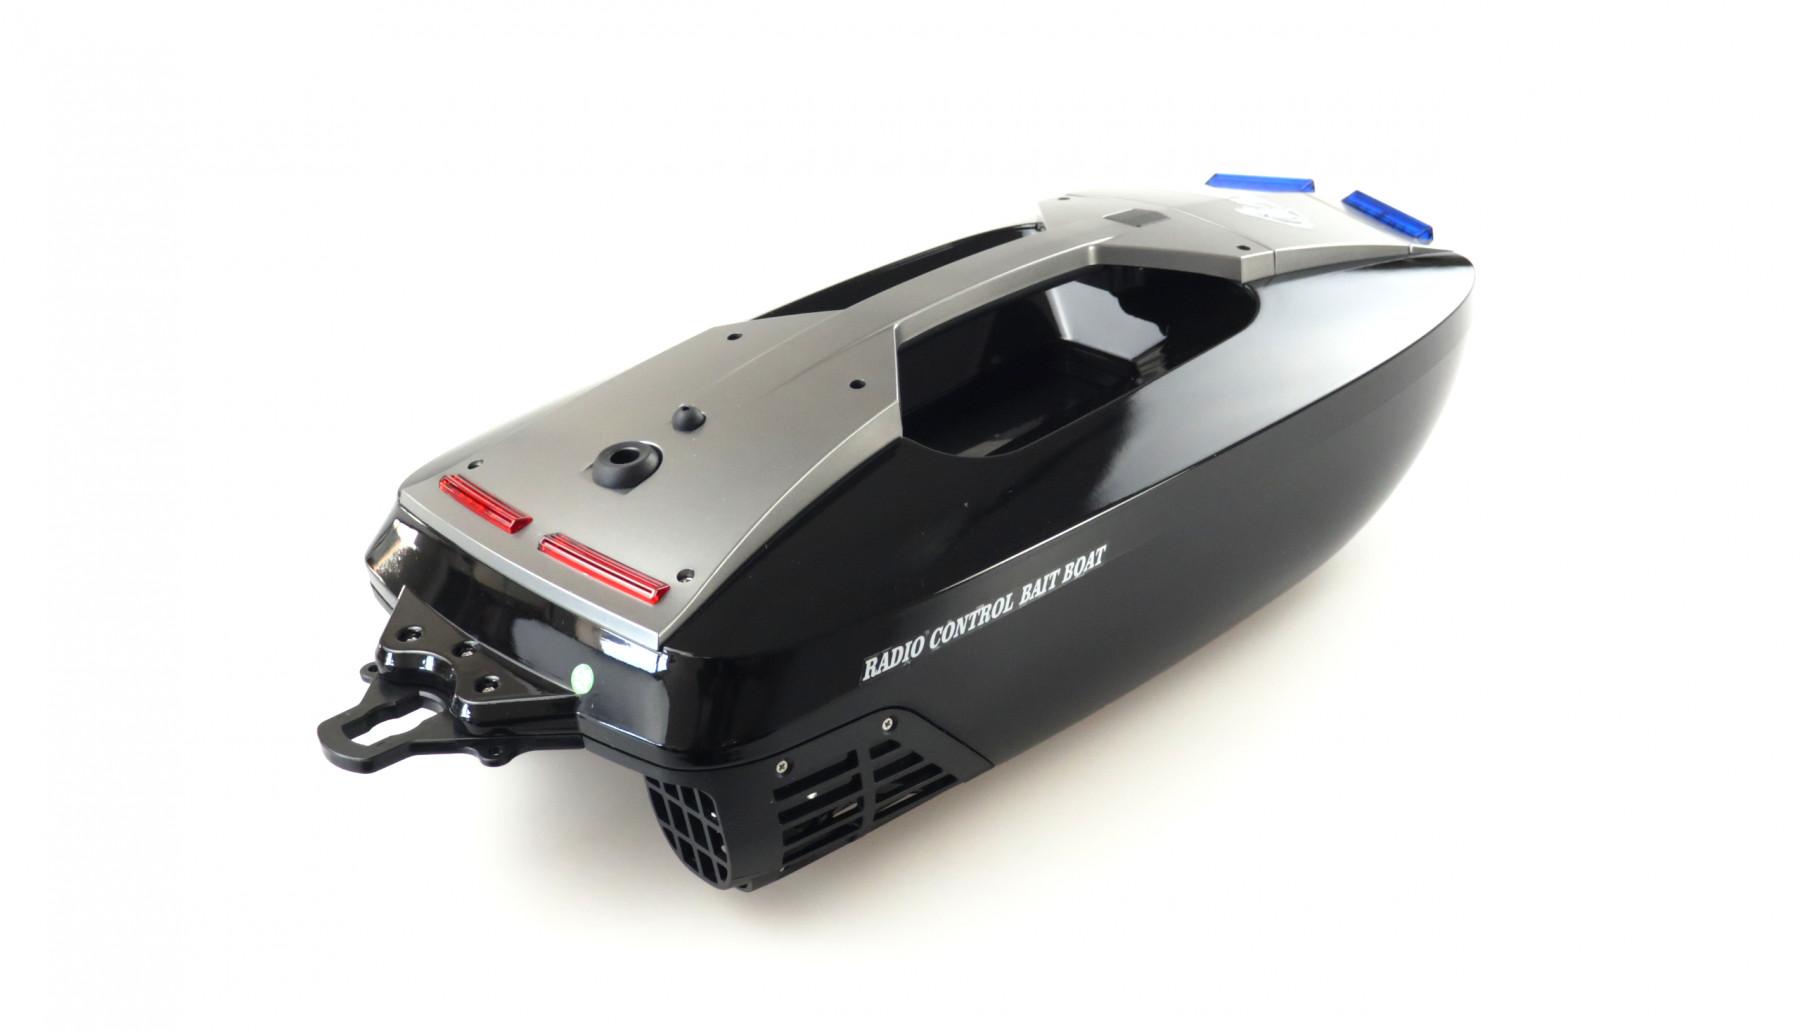 Zavážecí loď B500 V3 na 500g krmiva, 2,4 GHz, RTR  s přepravní taškou